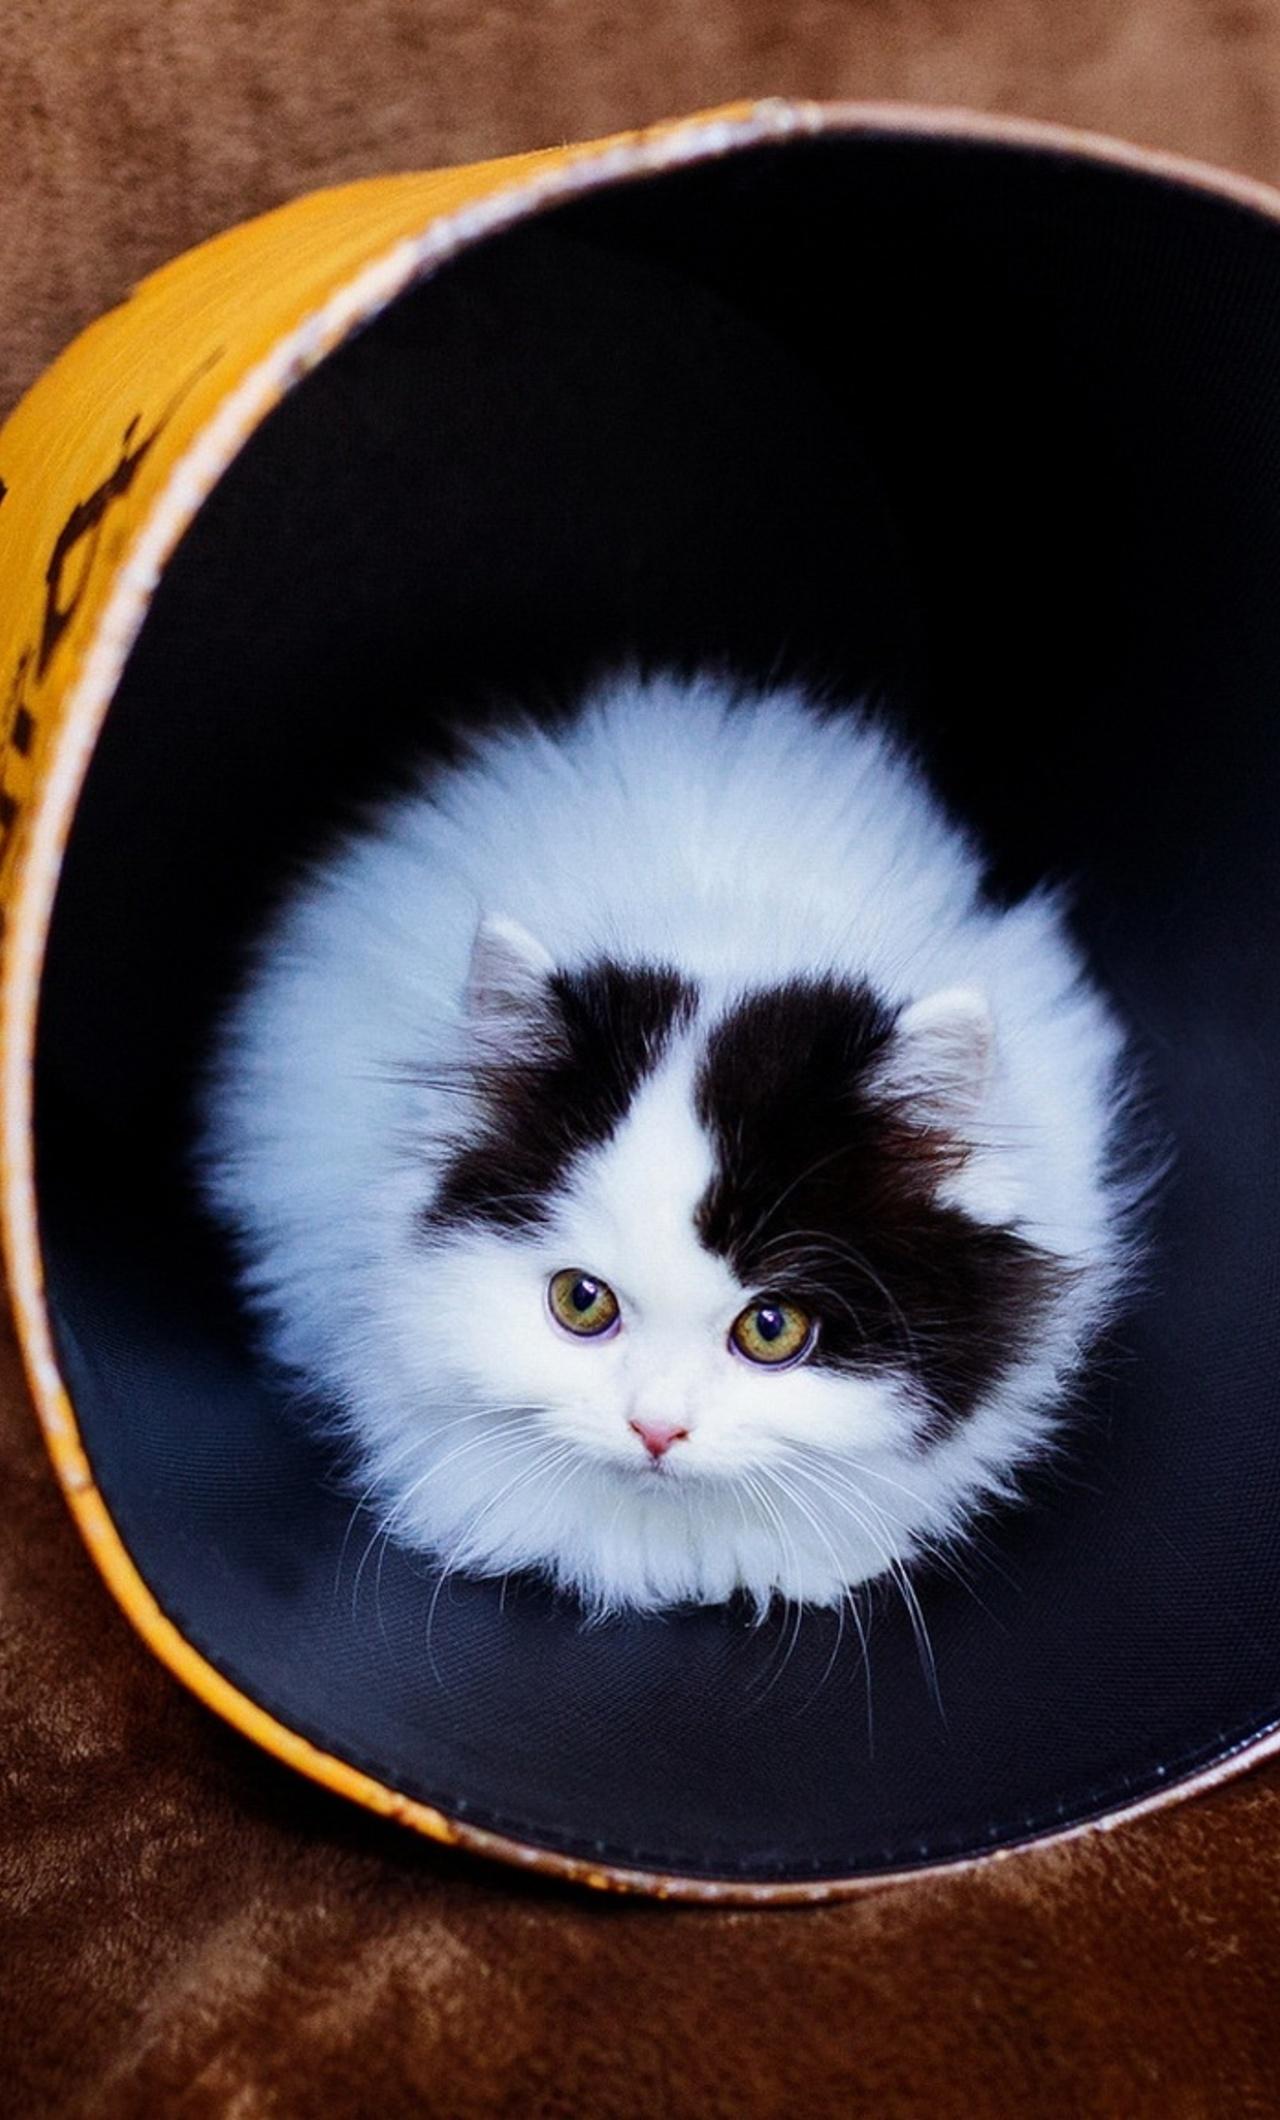 cat-in-bucket-av.jpg